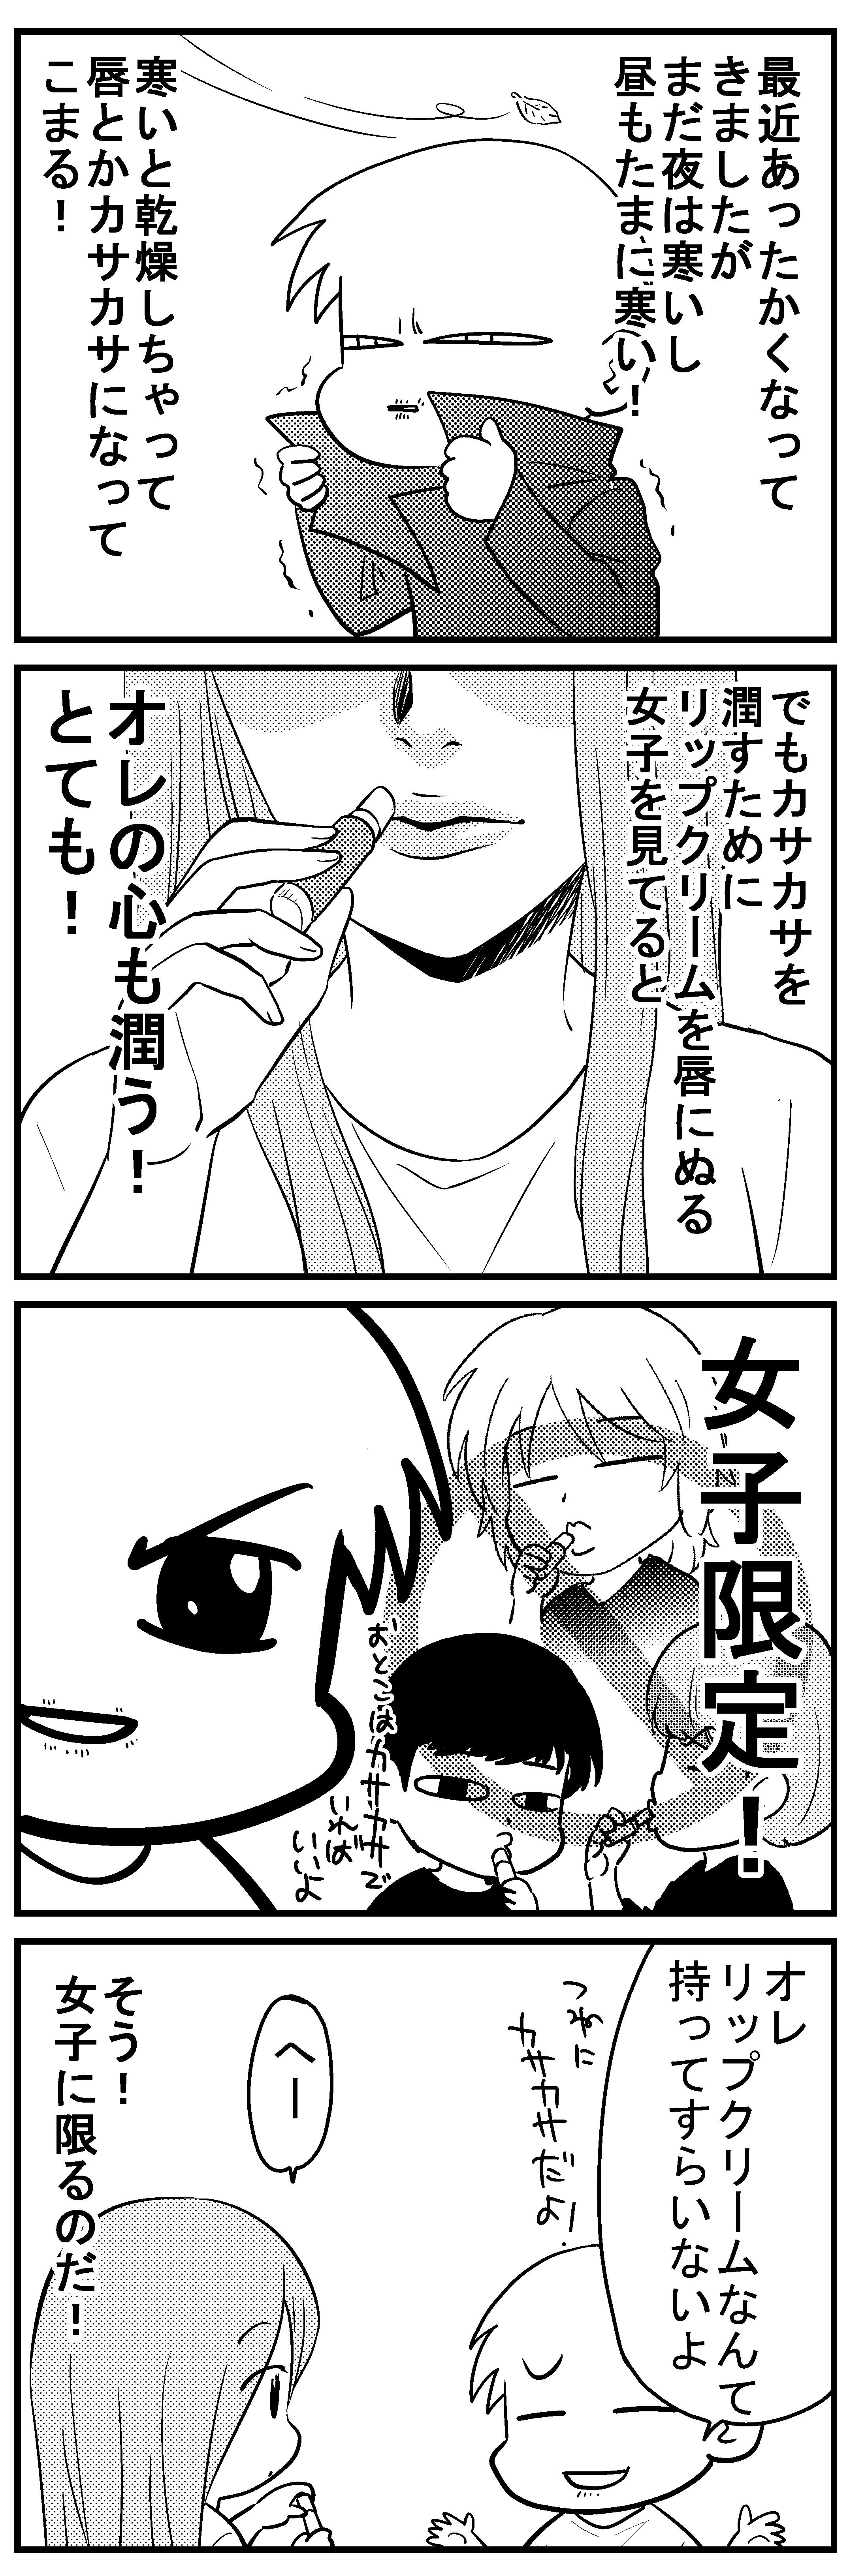 深読みくん46-1-